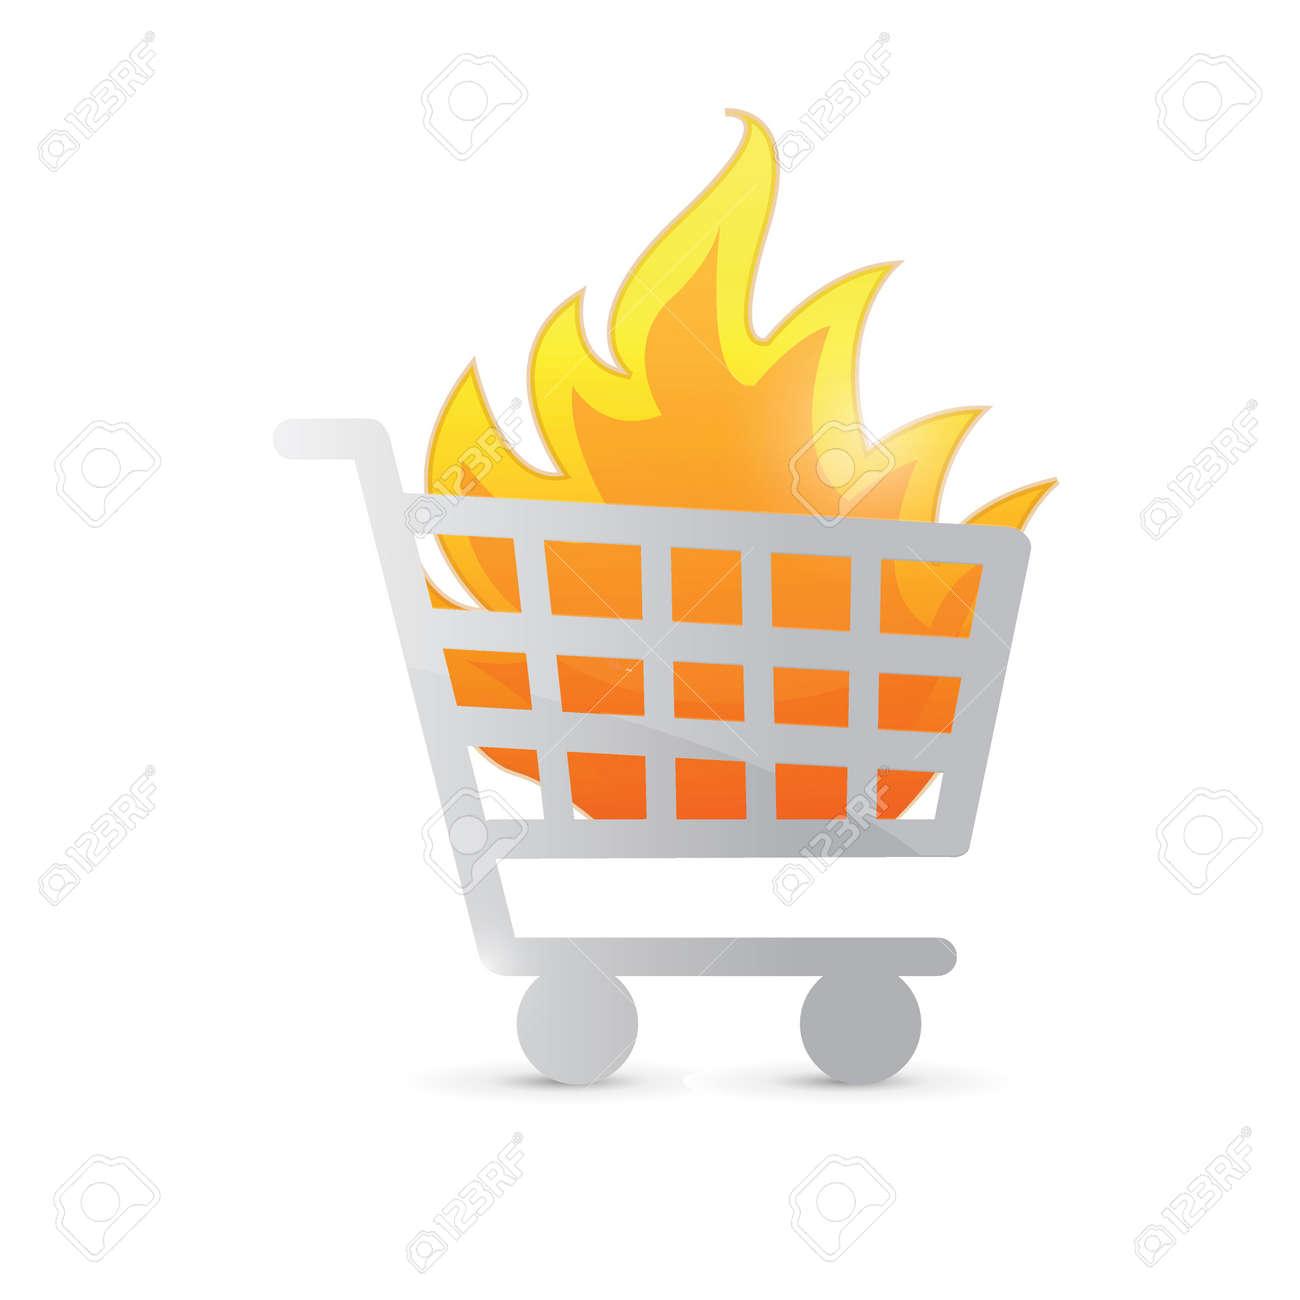 Carrito de la compra en la ilustración del diseño del fuego sobre un fondo  blanco